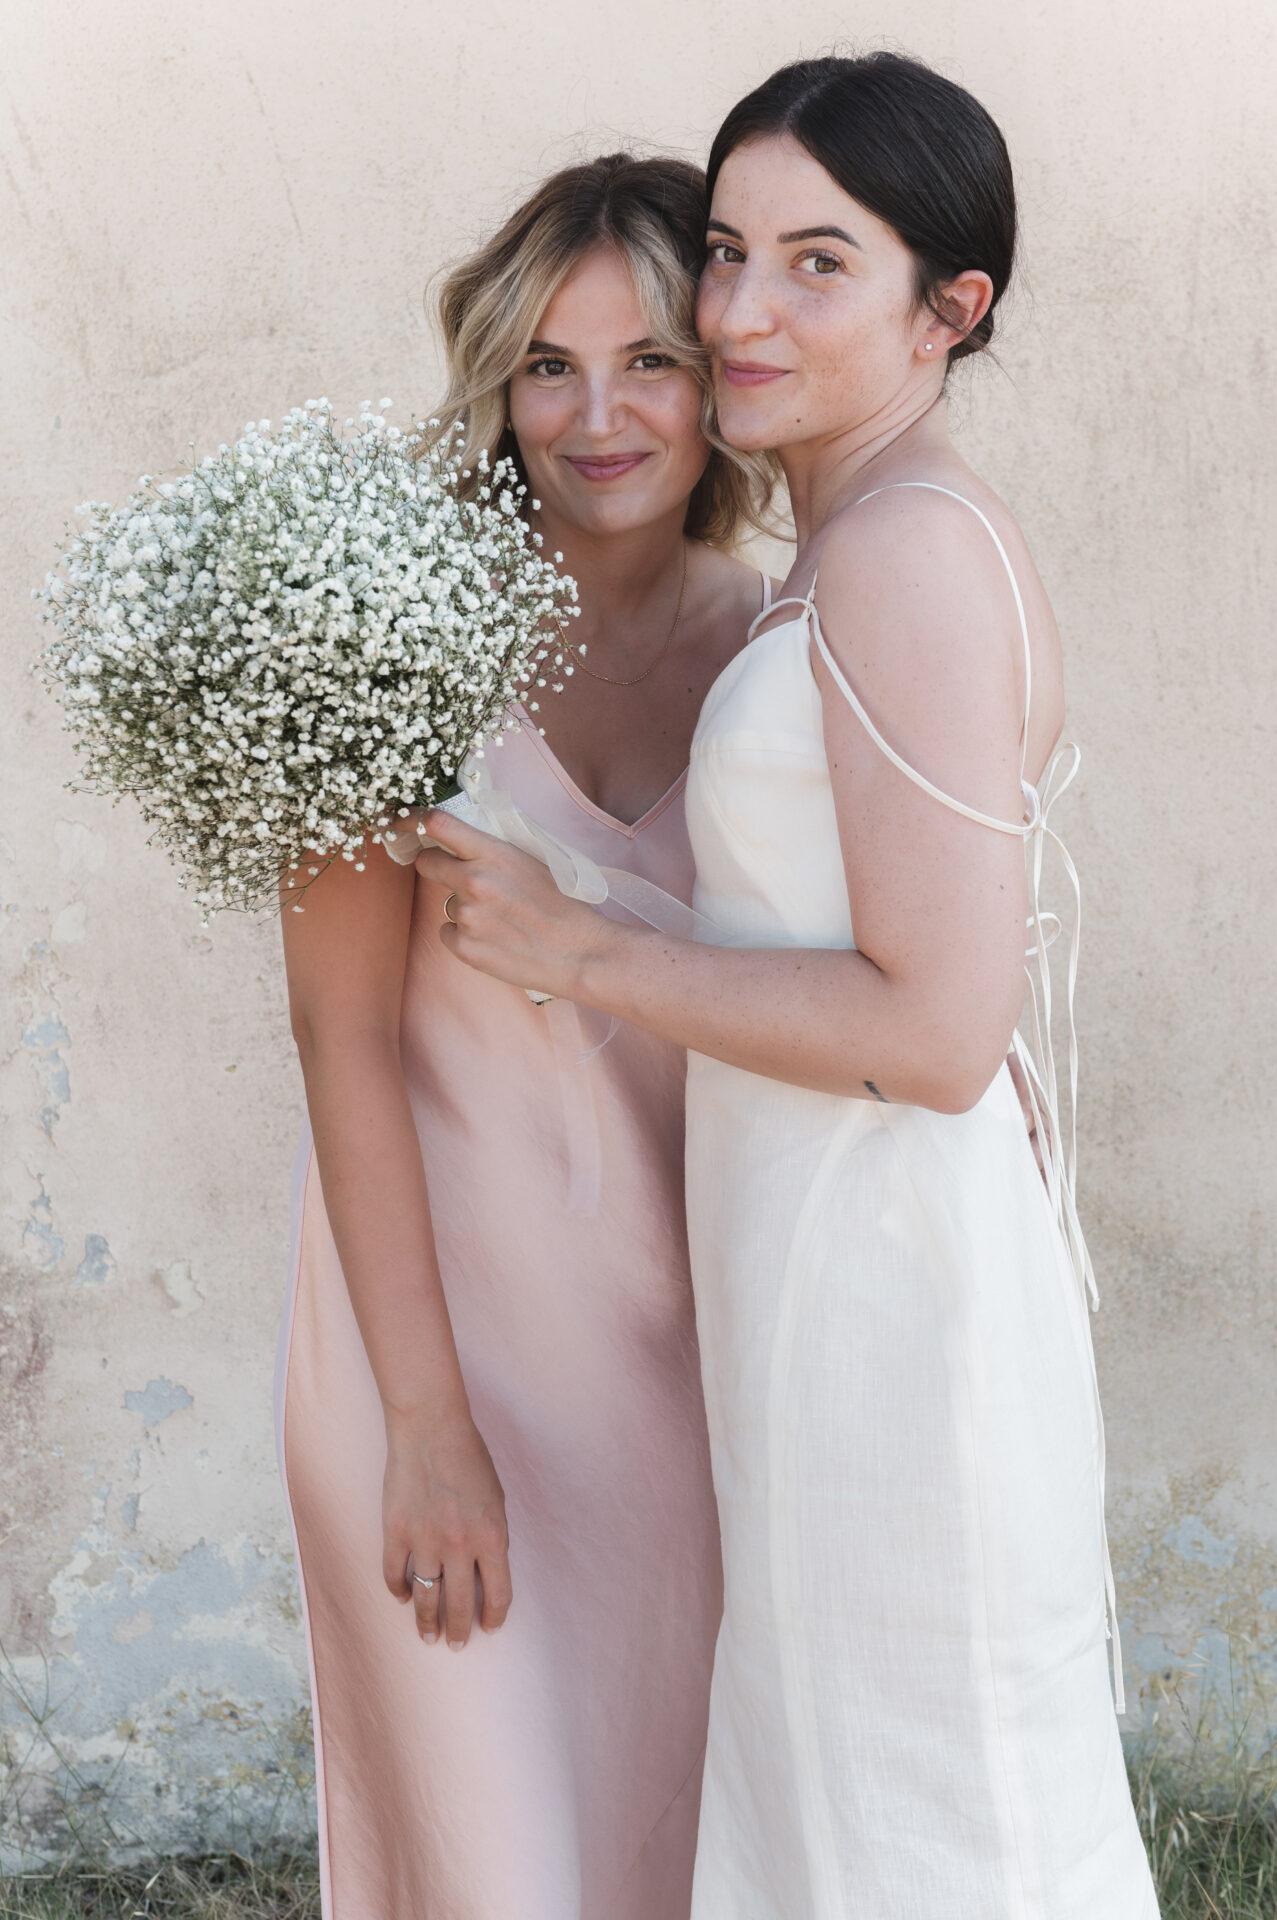 DSC6875 - Matrimonio in Sardegna